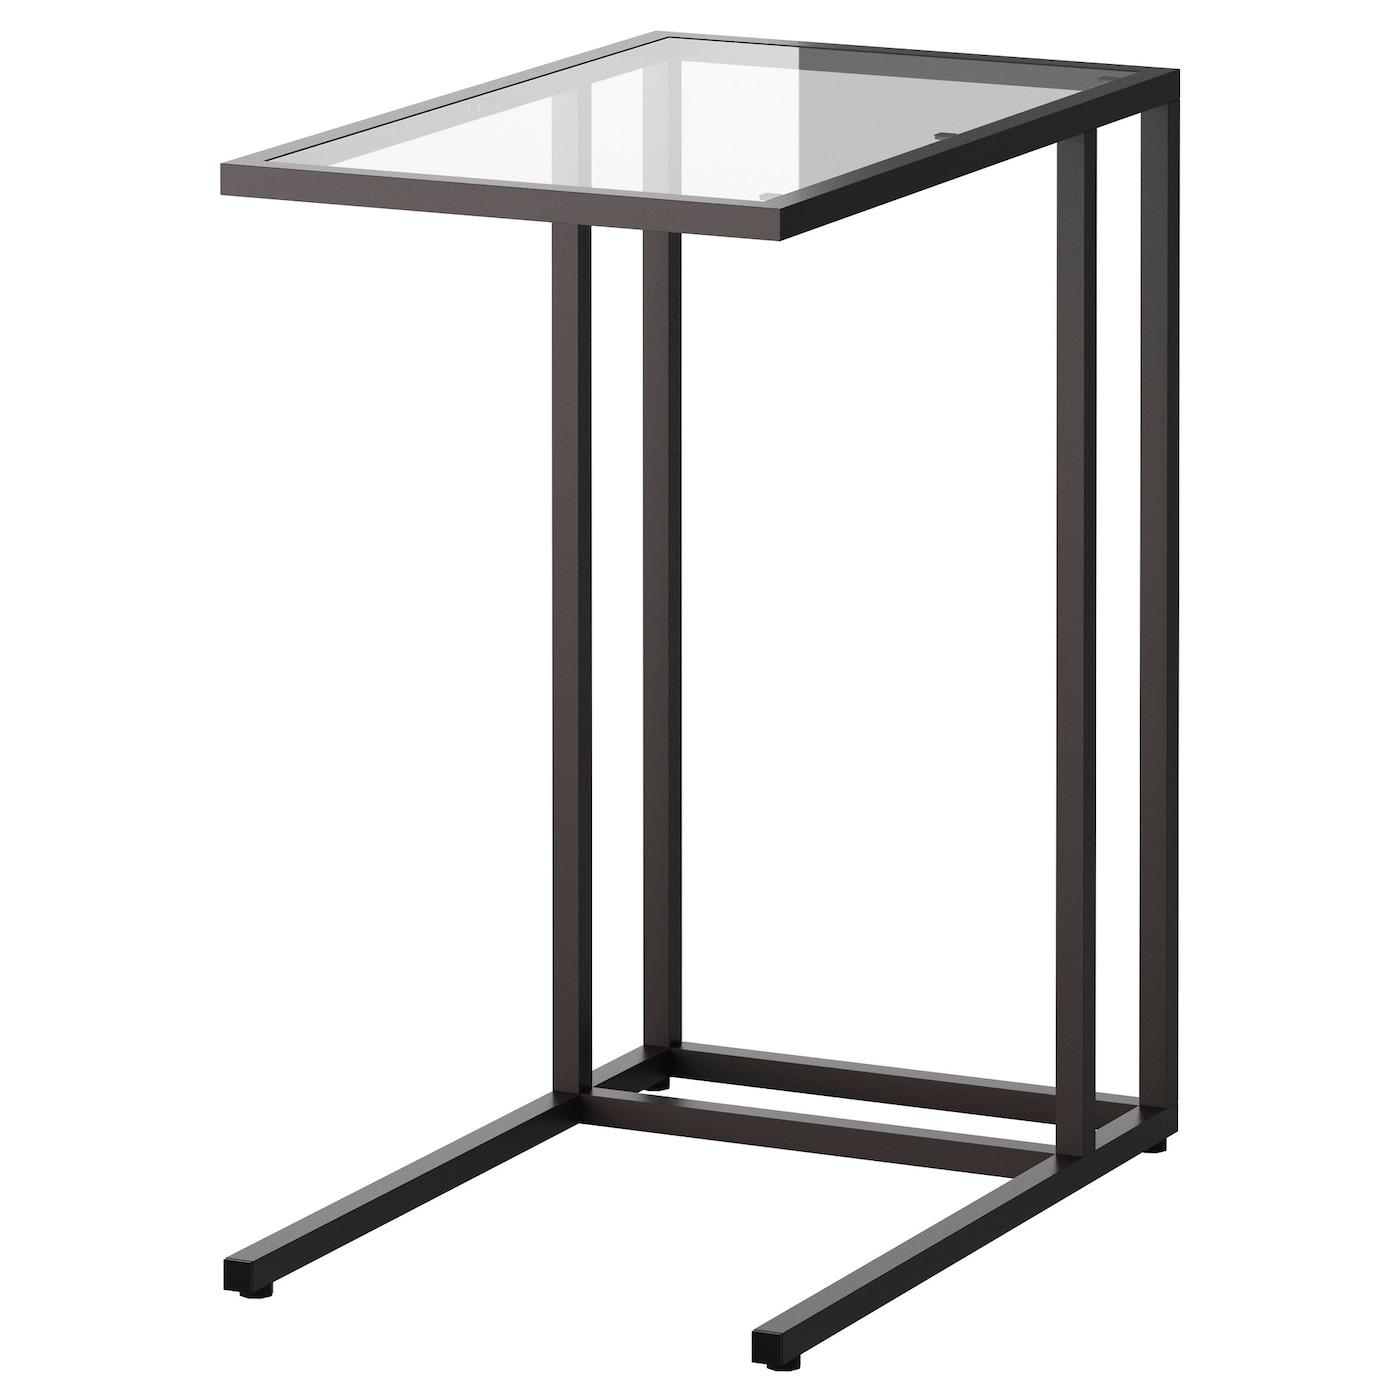 IKEA - VITTSJÖ Laptophouder - 35x65 cm - Zwartbruin/glas